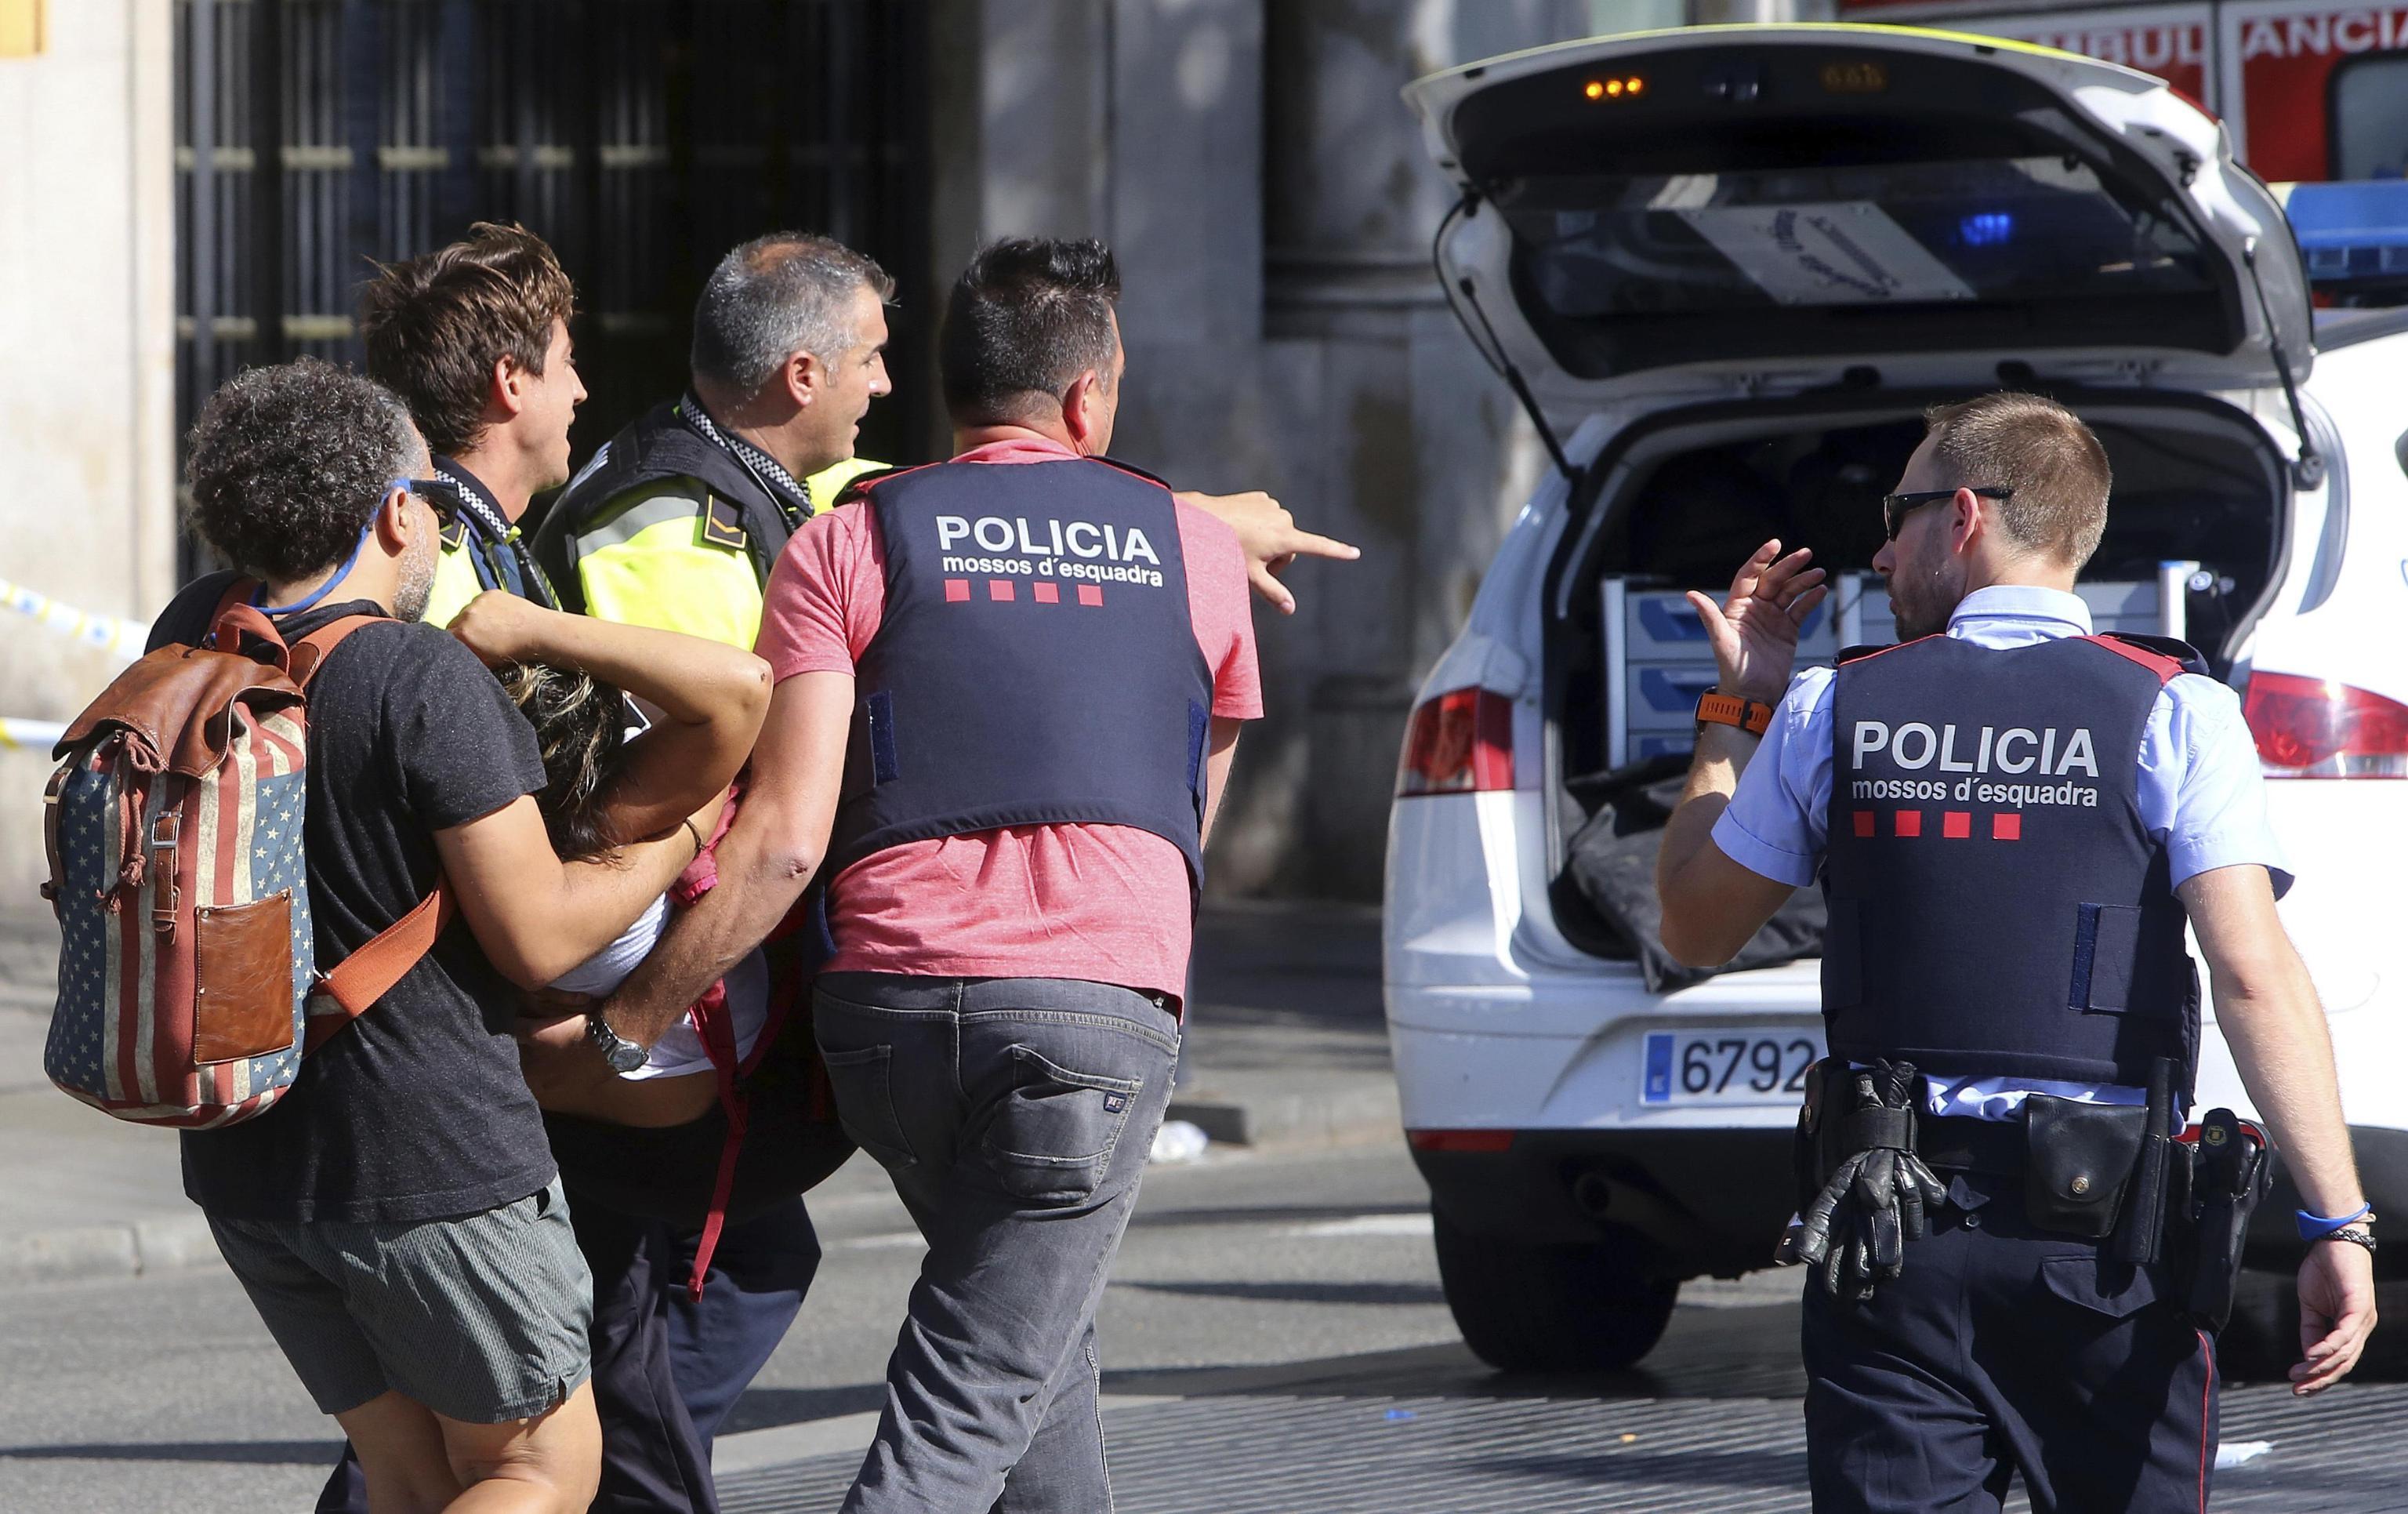 Dopo l'attentato a Barcellona, sventato attacco a Cambrils: 5 terroristi uccisi e 7 feriti